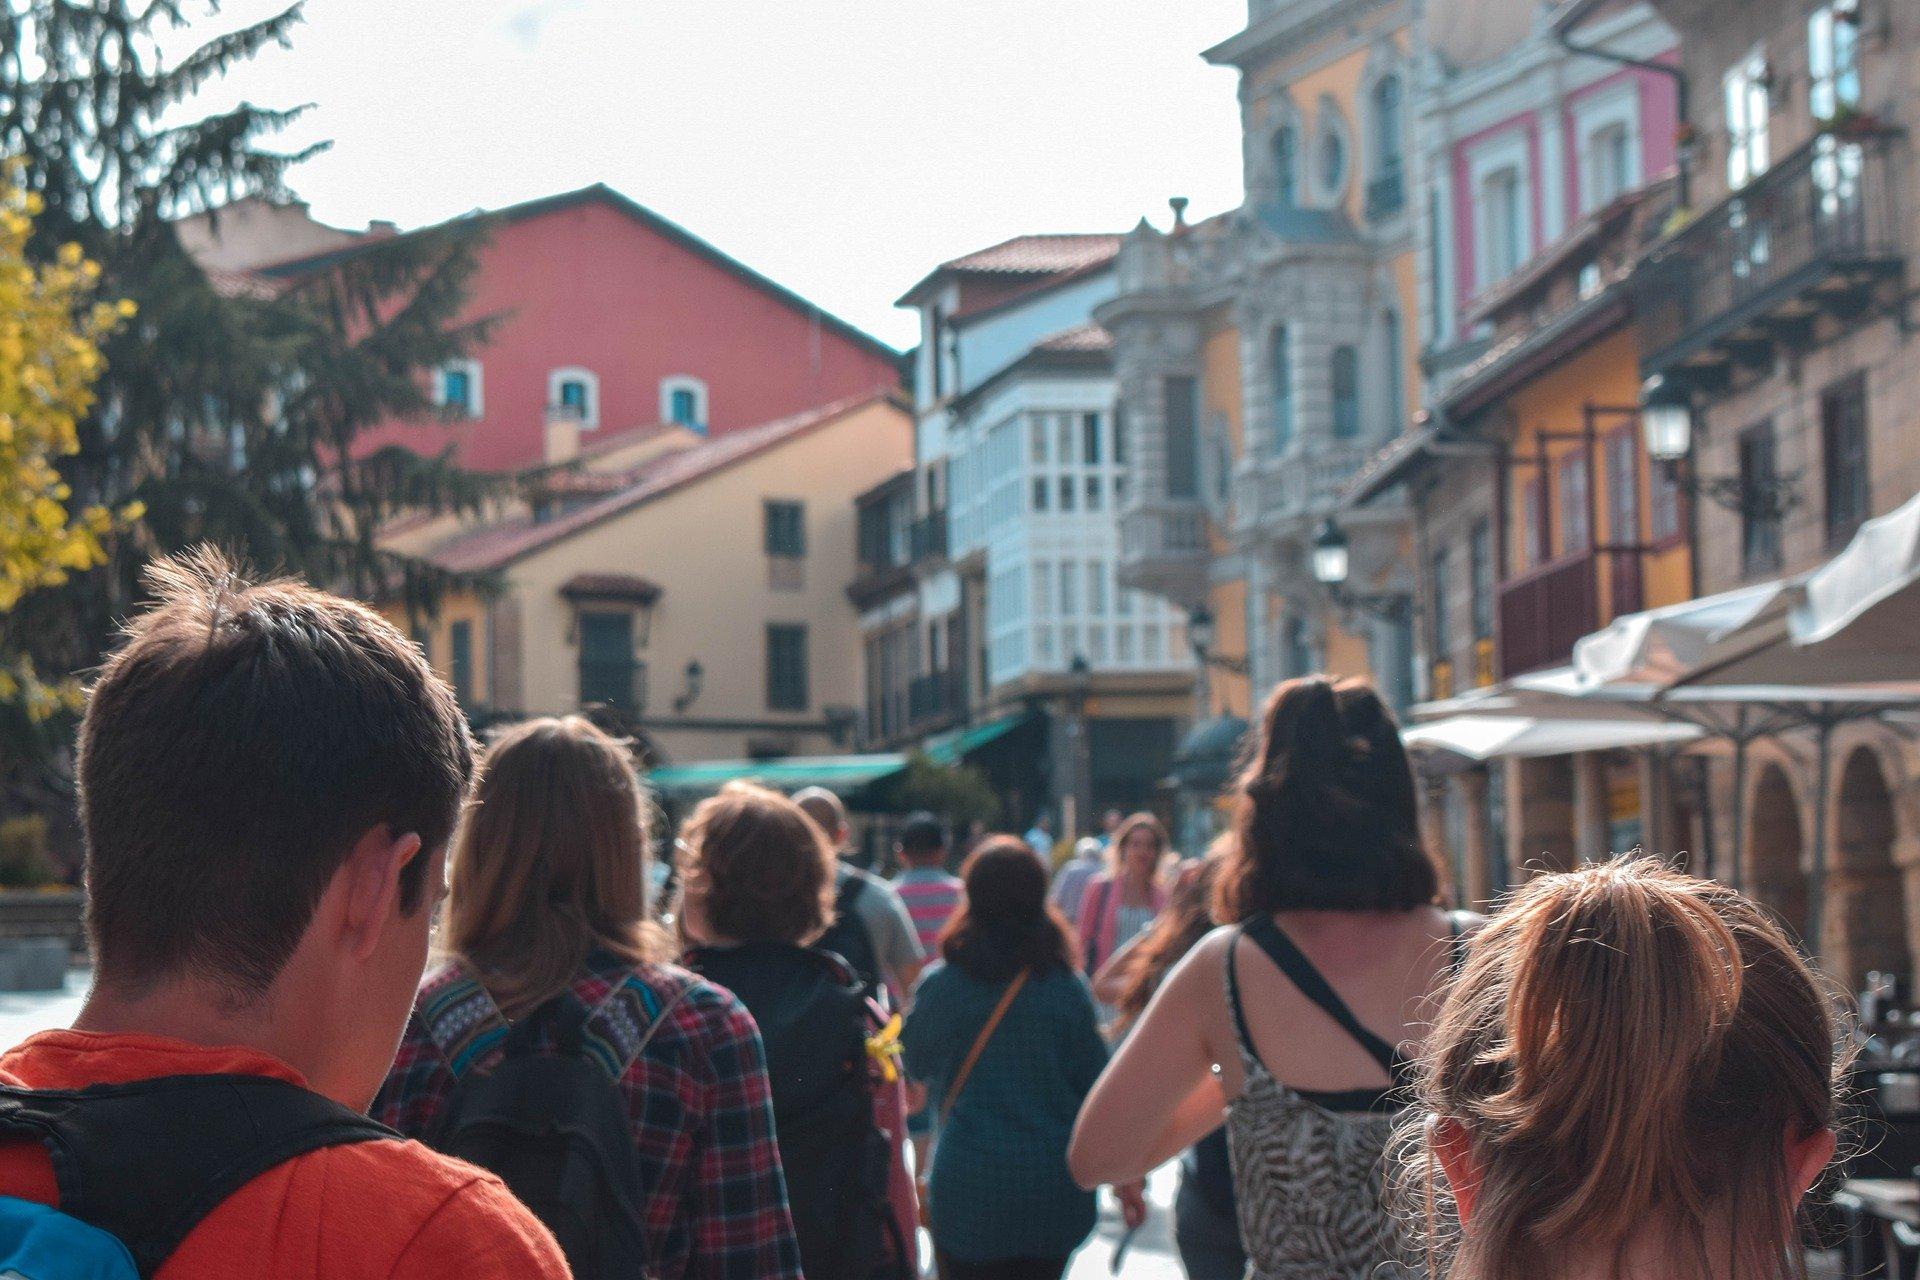 Viajes cortos dentro de España, el perfil de viajes más buscado en GOAZ